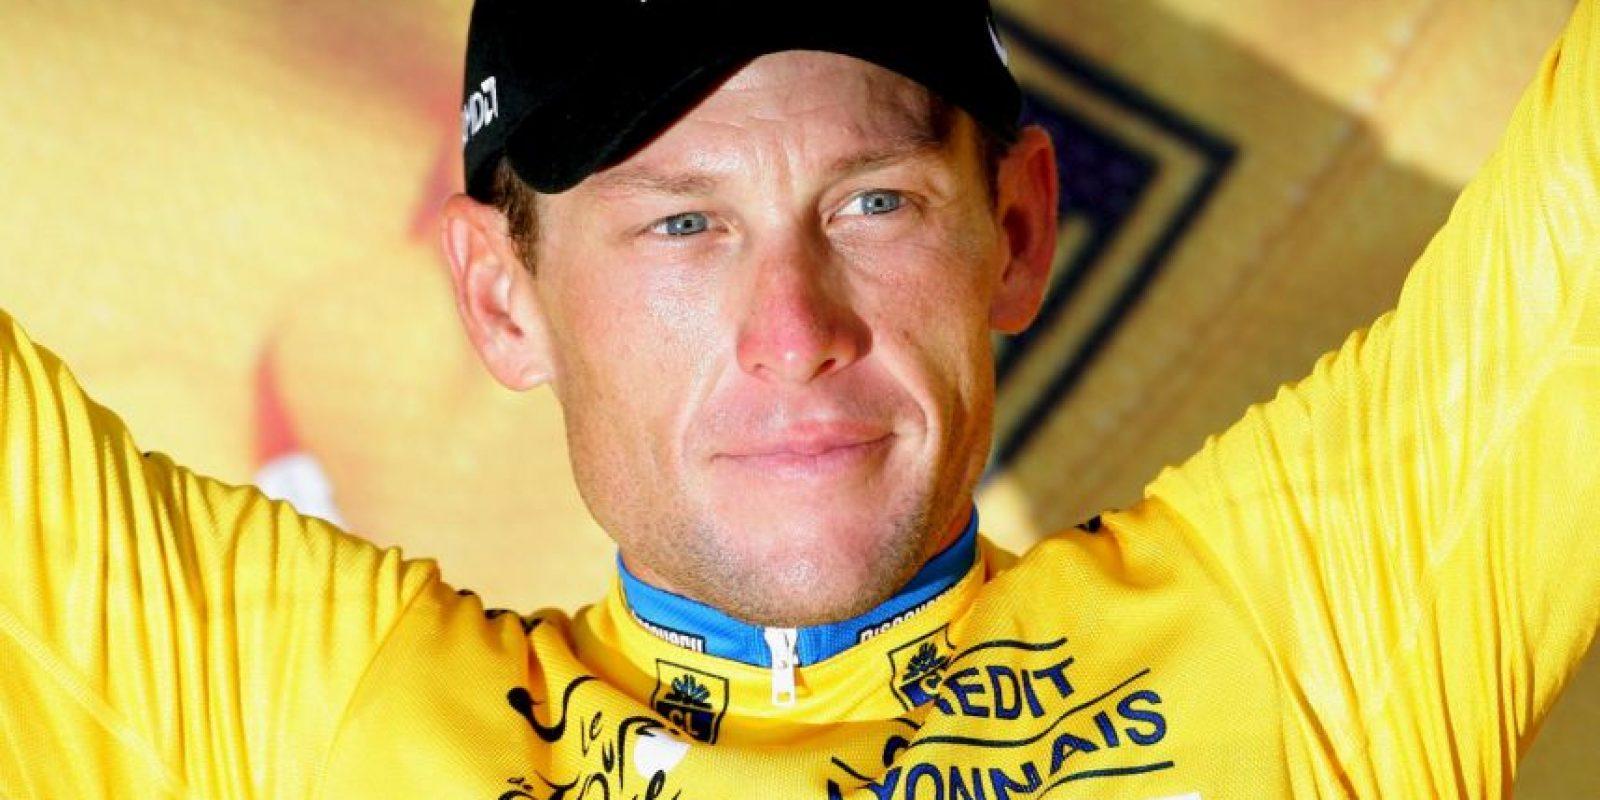 """""""Es imposible ganar siete Tours sin doparse"""", declaró Armstrong, que fue despojado de los siete Tour de Francia que ganó de 1999 a 2005 por usar sustancias como EPO, transfusiones y testosterona. Foto:Getty Images"""